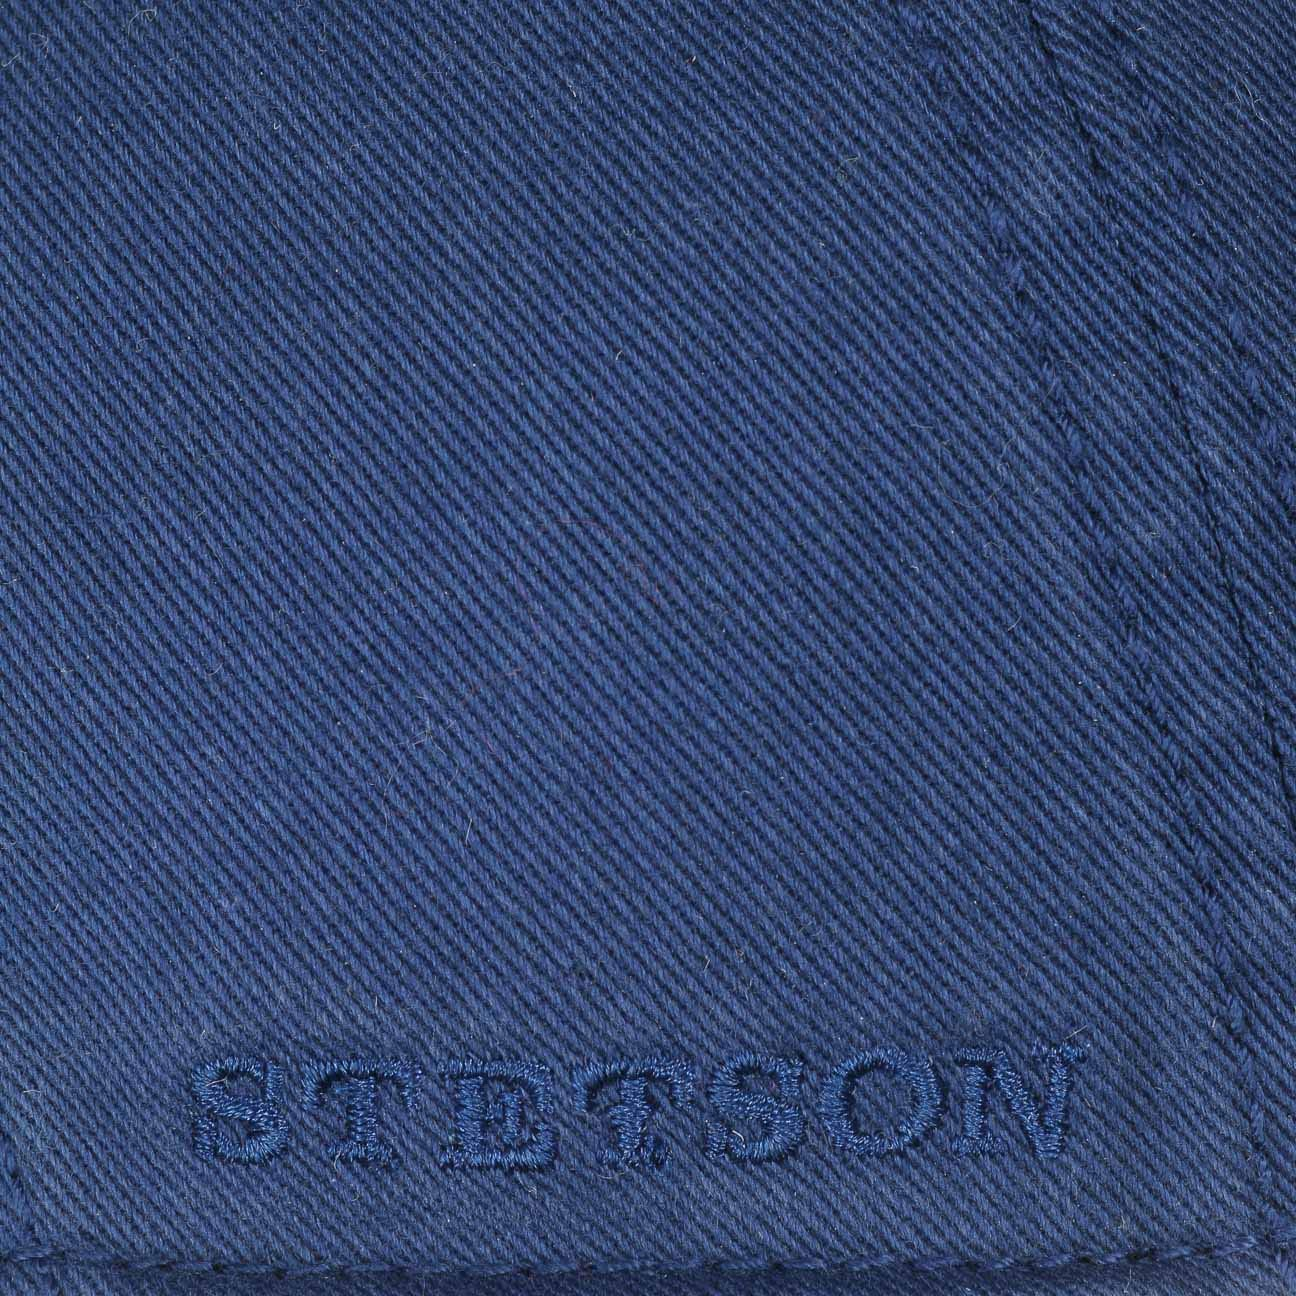 Stetson Paradise Cotton Flat Cap